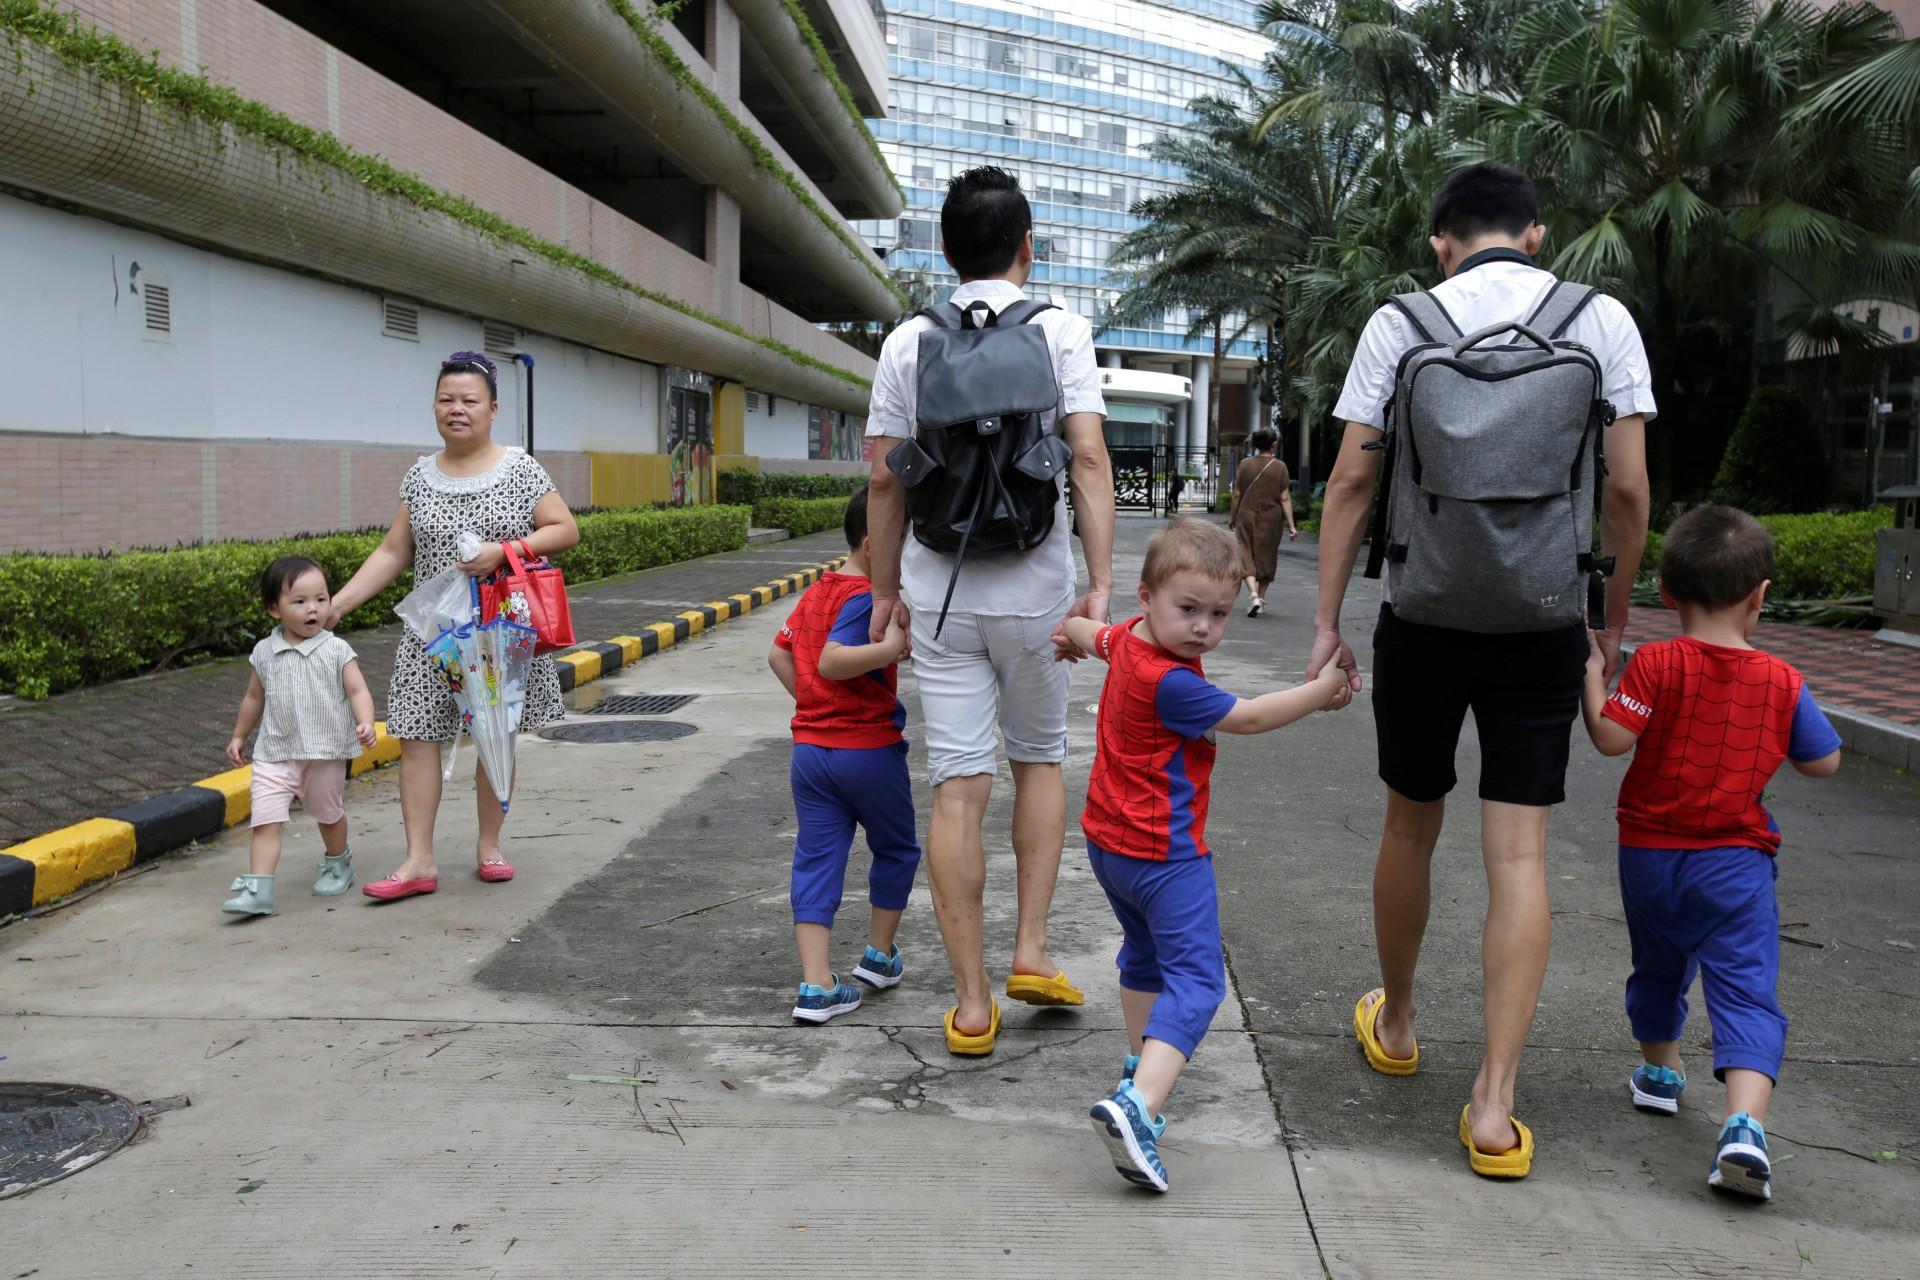 Una niña mira a An Hui y su compañero Ye Jianbin caminando con sus hijos, An Zhizhong, An Zhiya y An Zhifei en una comunidad residencial en Shenzhen, provincia de Guangdong, China, 17 de septiembre de 2018.